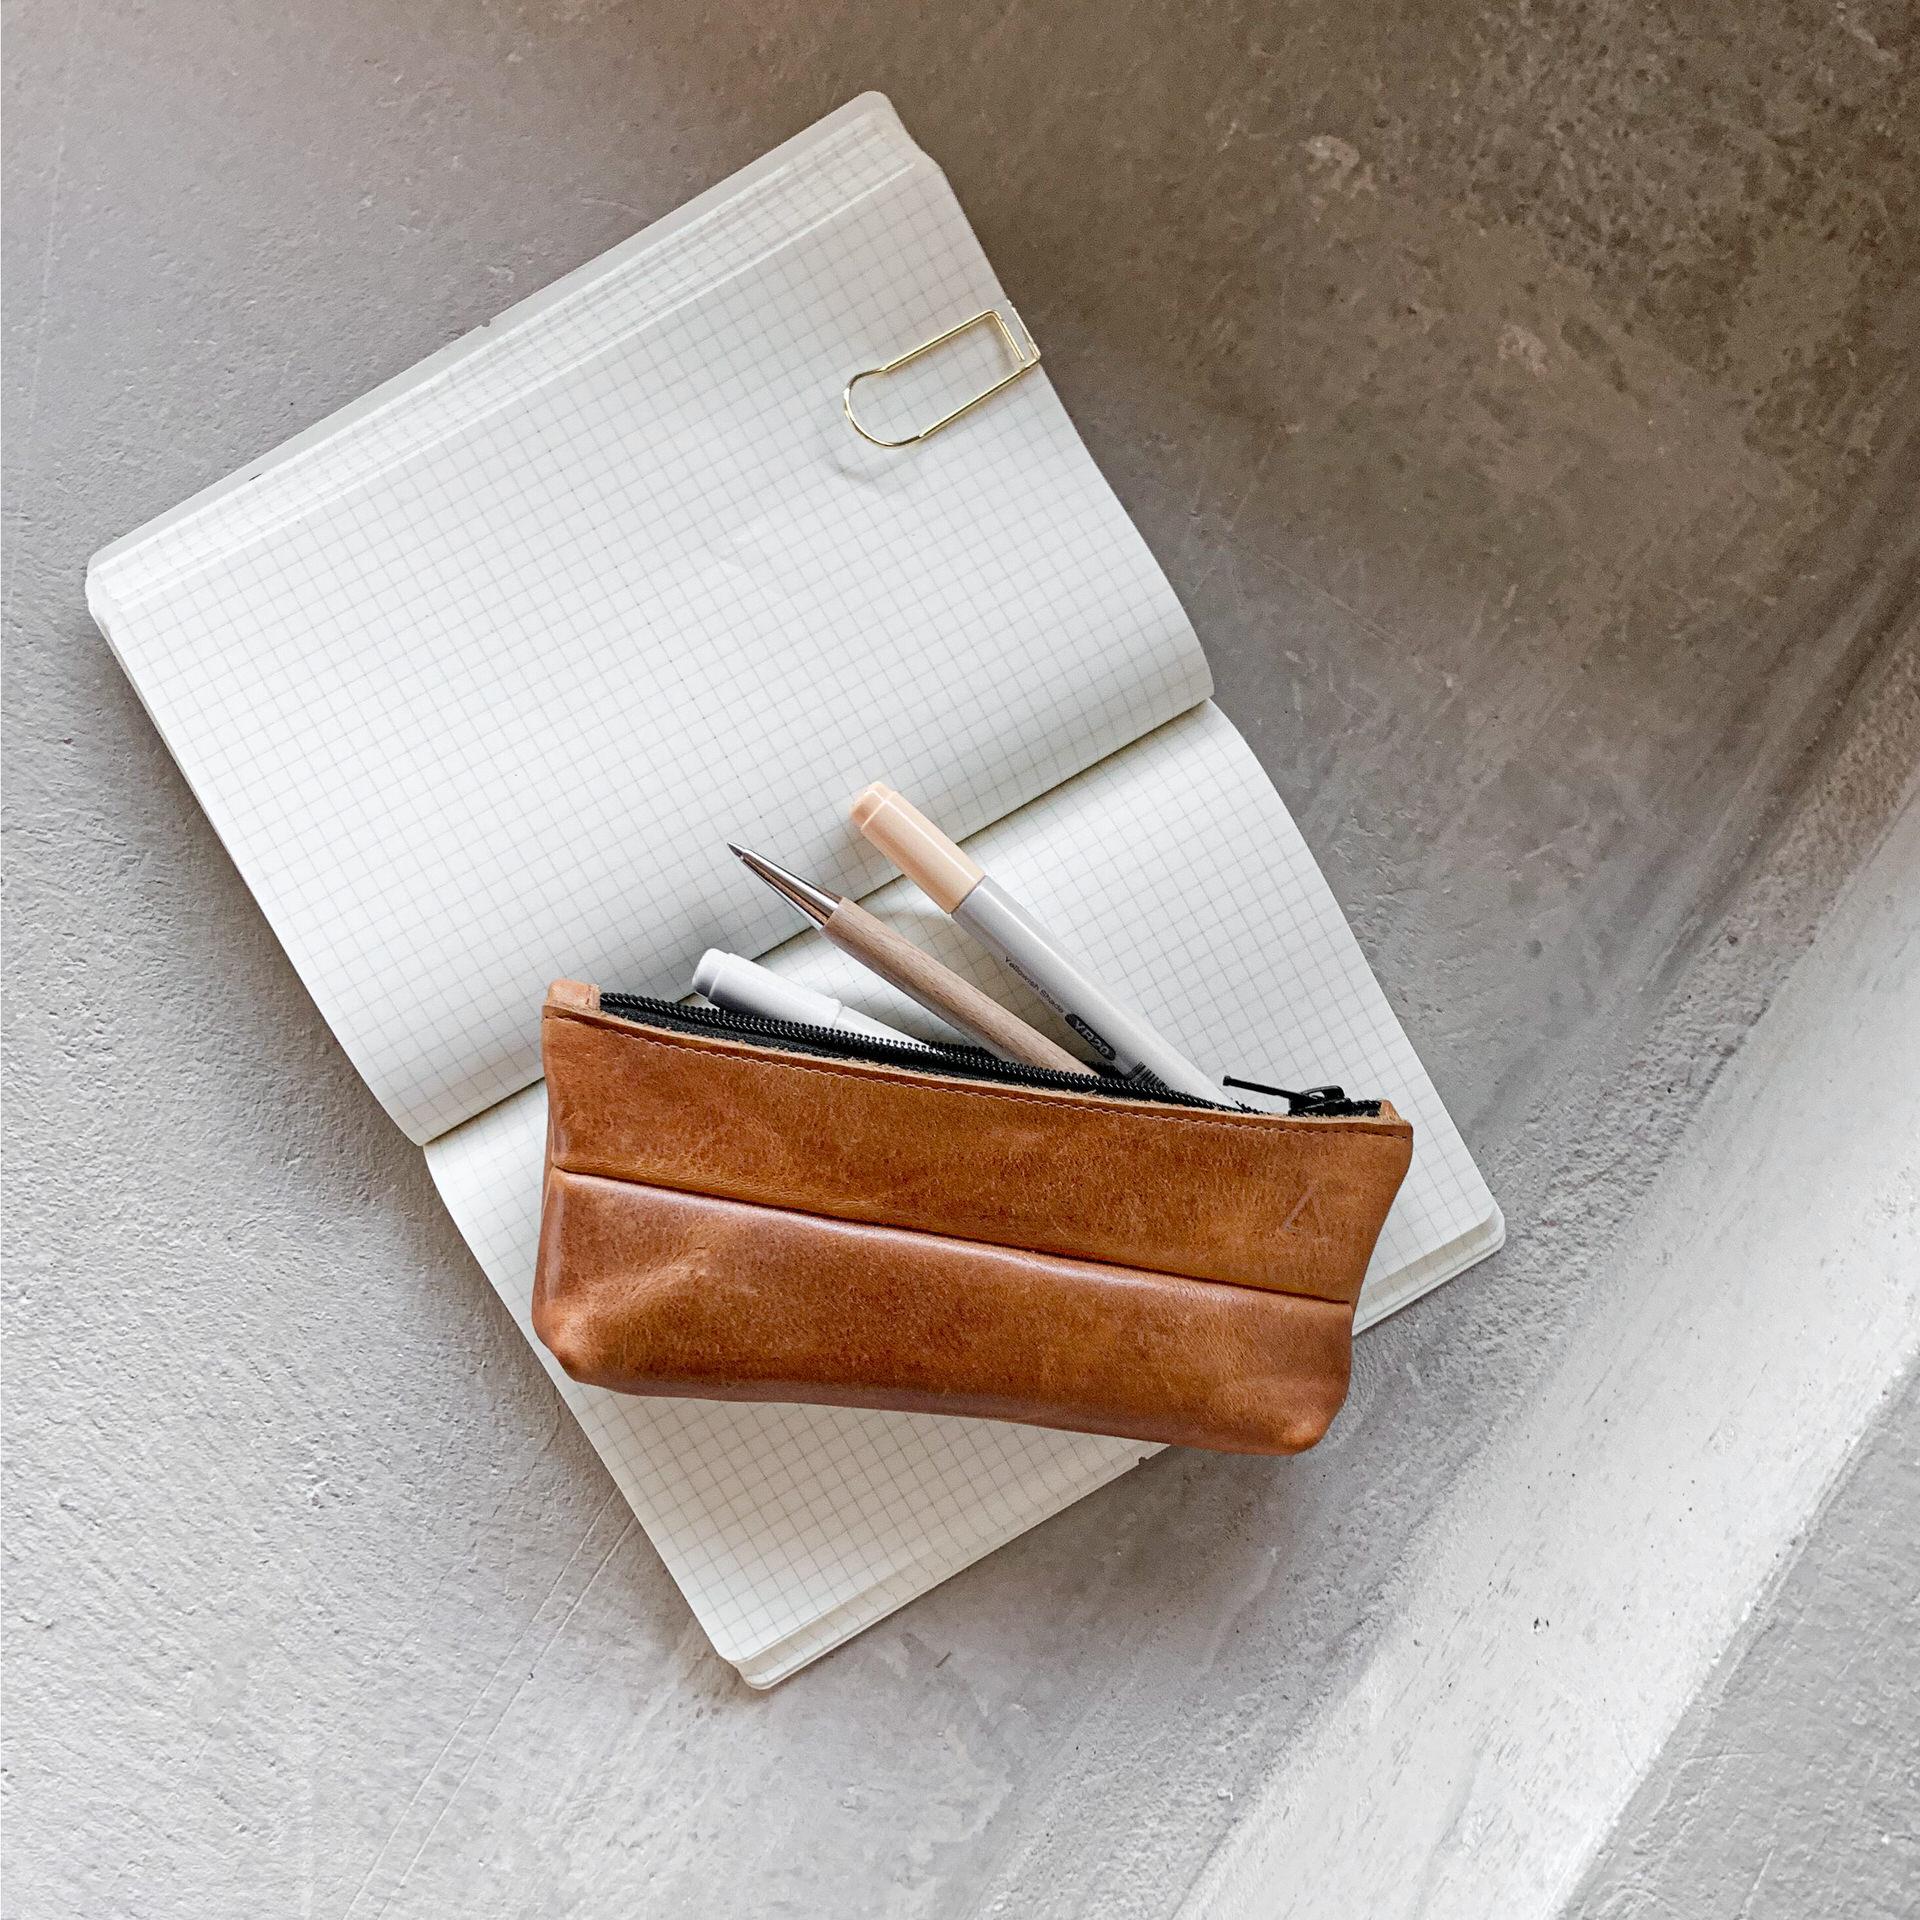 Stifteetui PEN aus nachhaltigem Naturleder in Cognac geölt auf Notizbuch mit Stiften